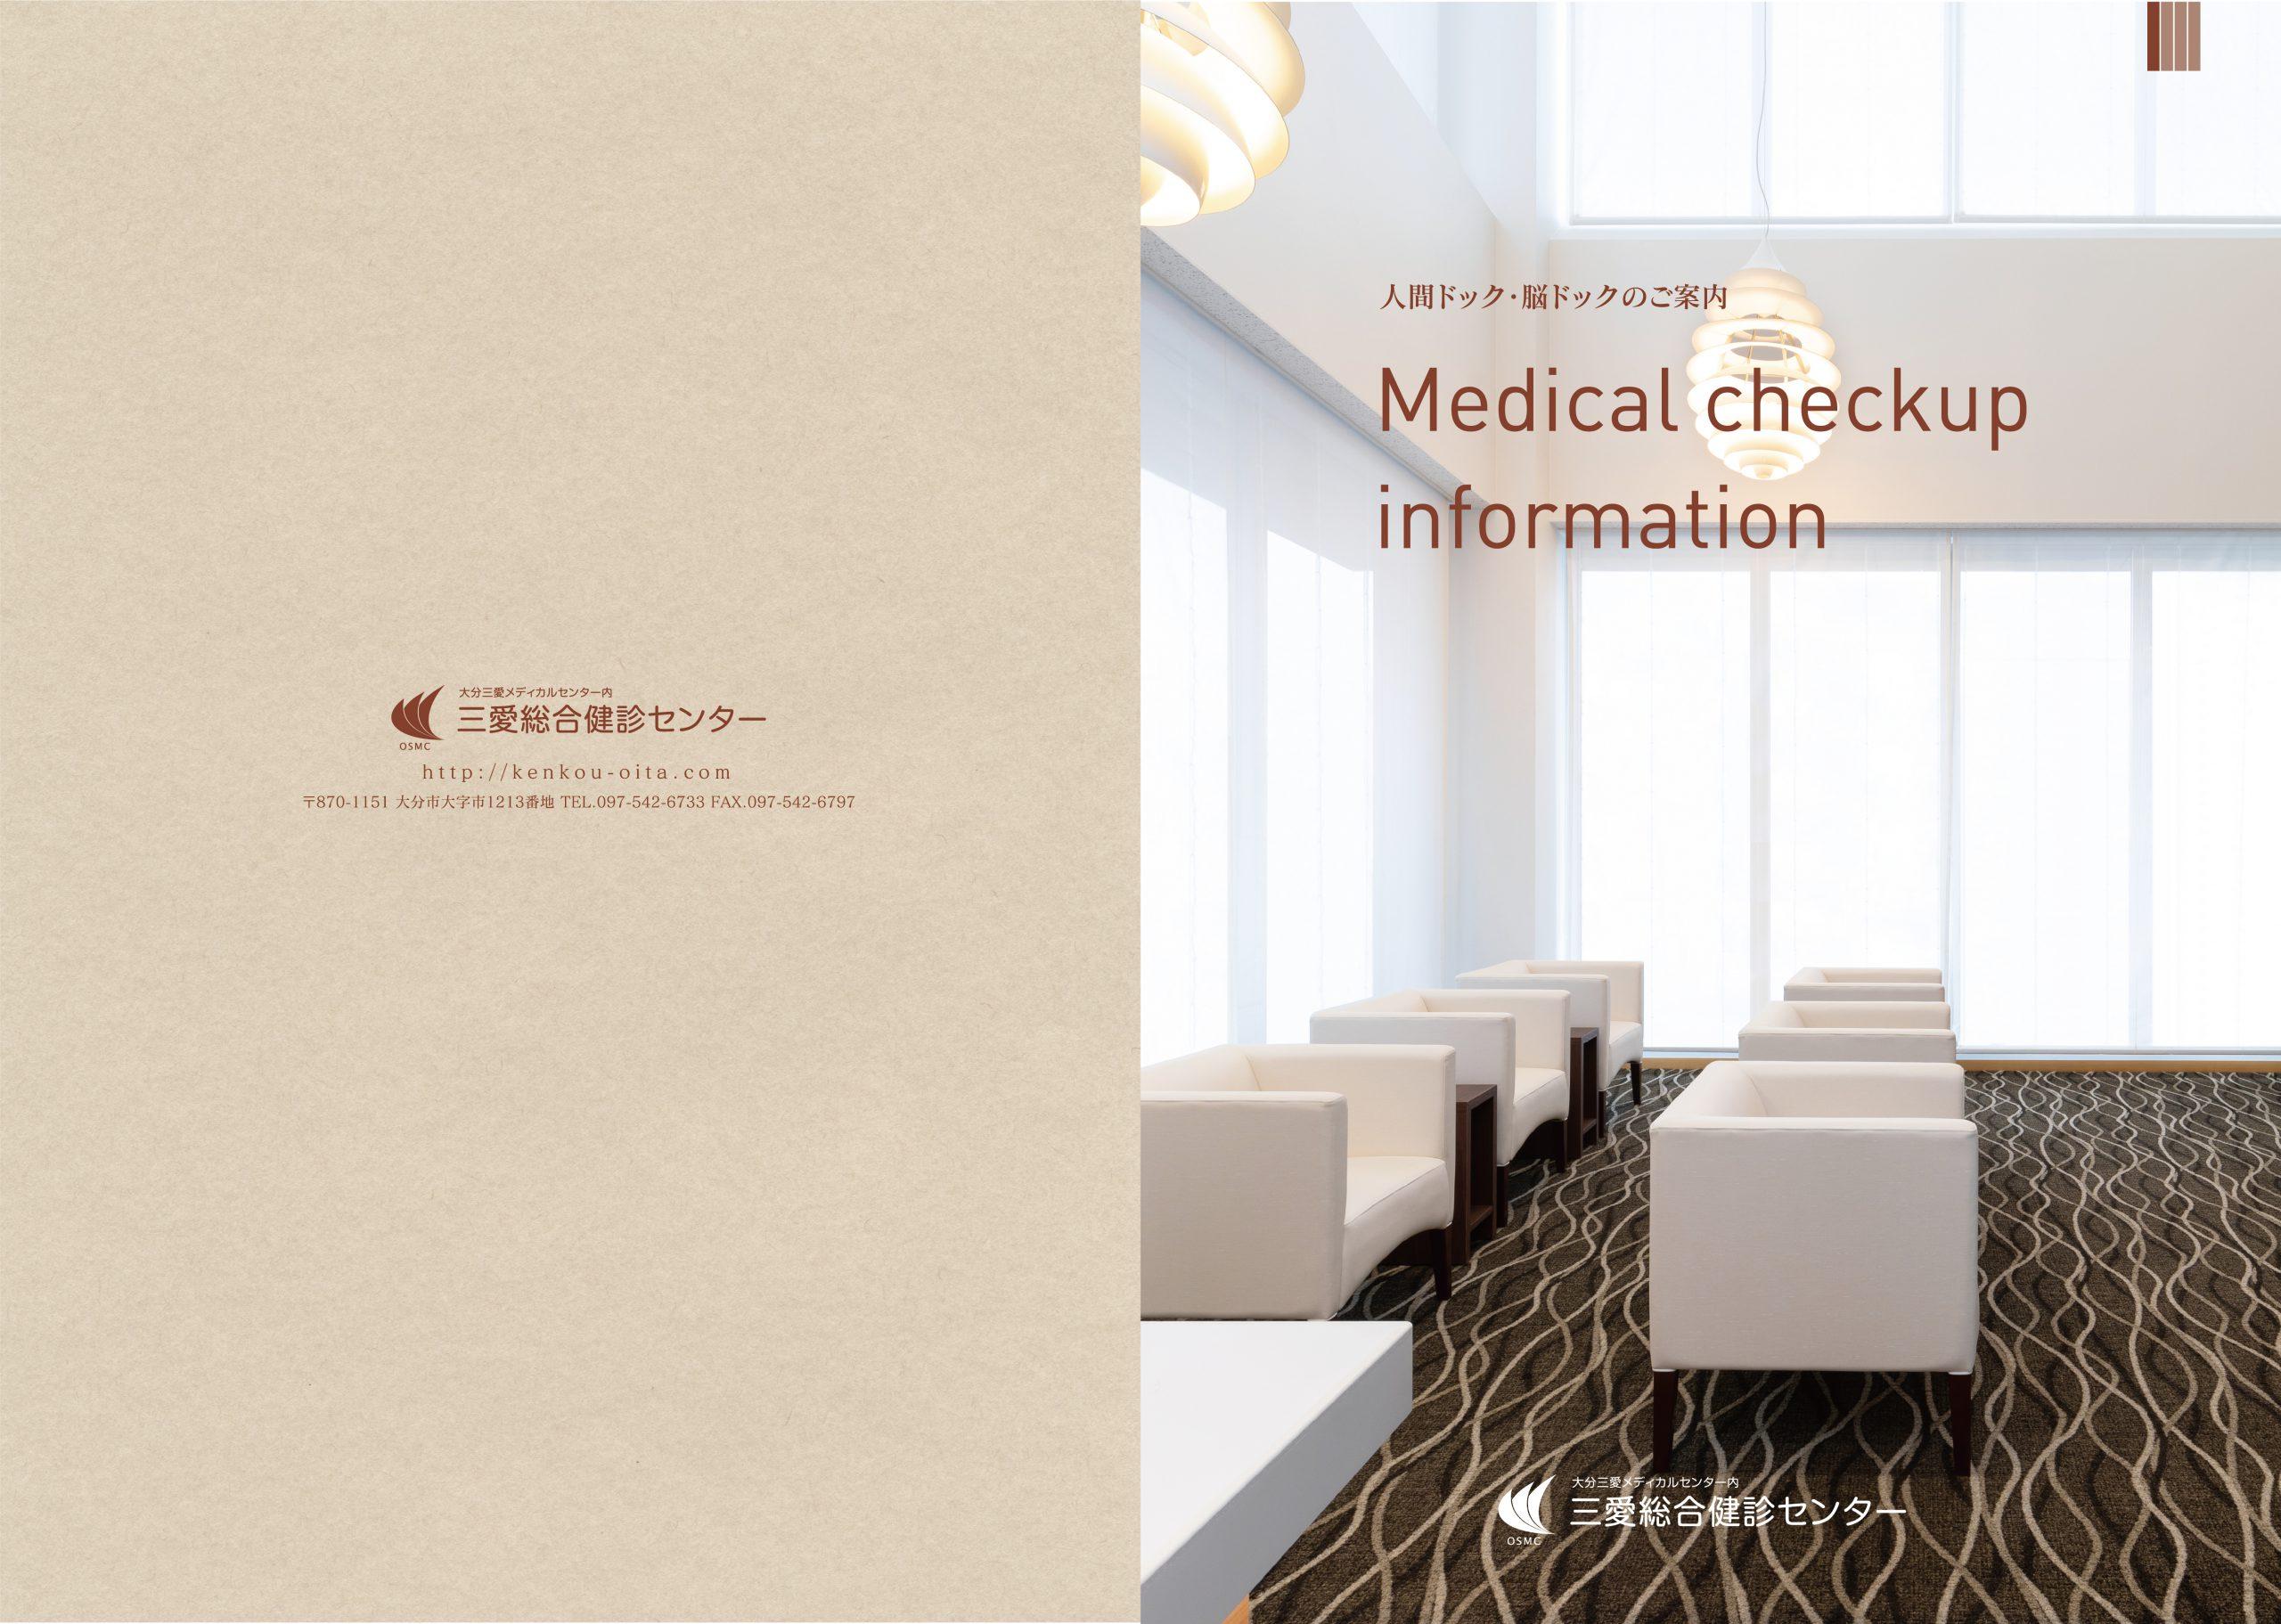 三愛総合検診センター 人間ドック・脳ドックのご案内 パンフレット